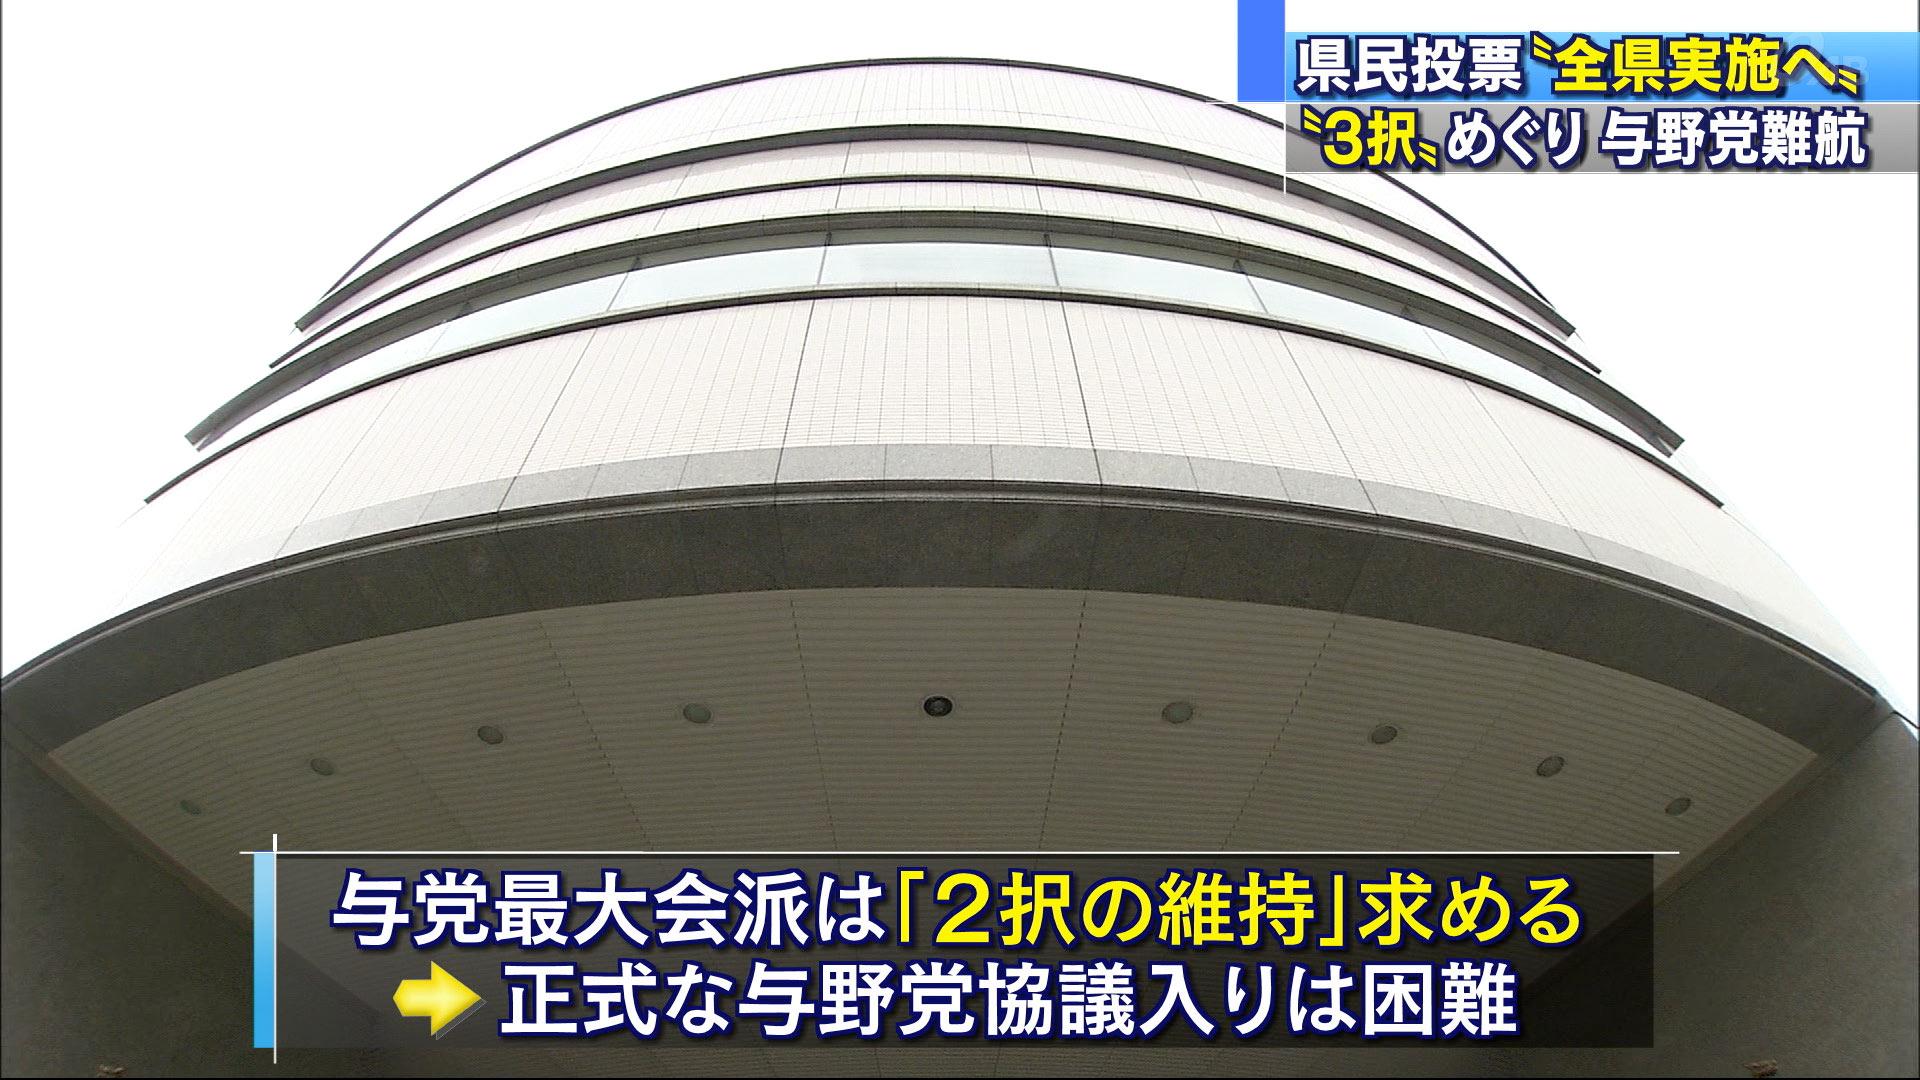 """県民投票 """"3択案"""" で与野党調整難航"""